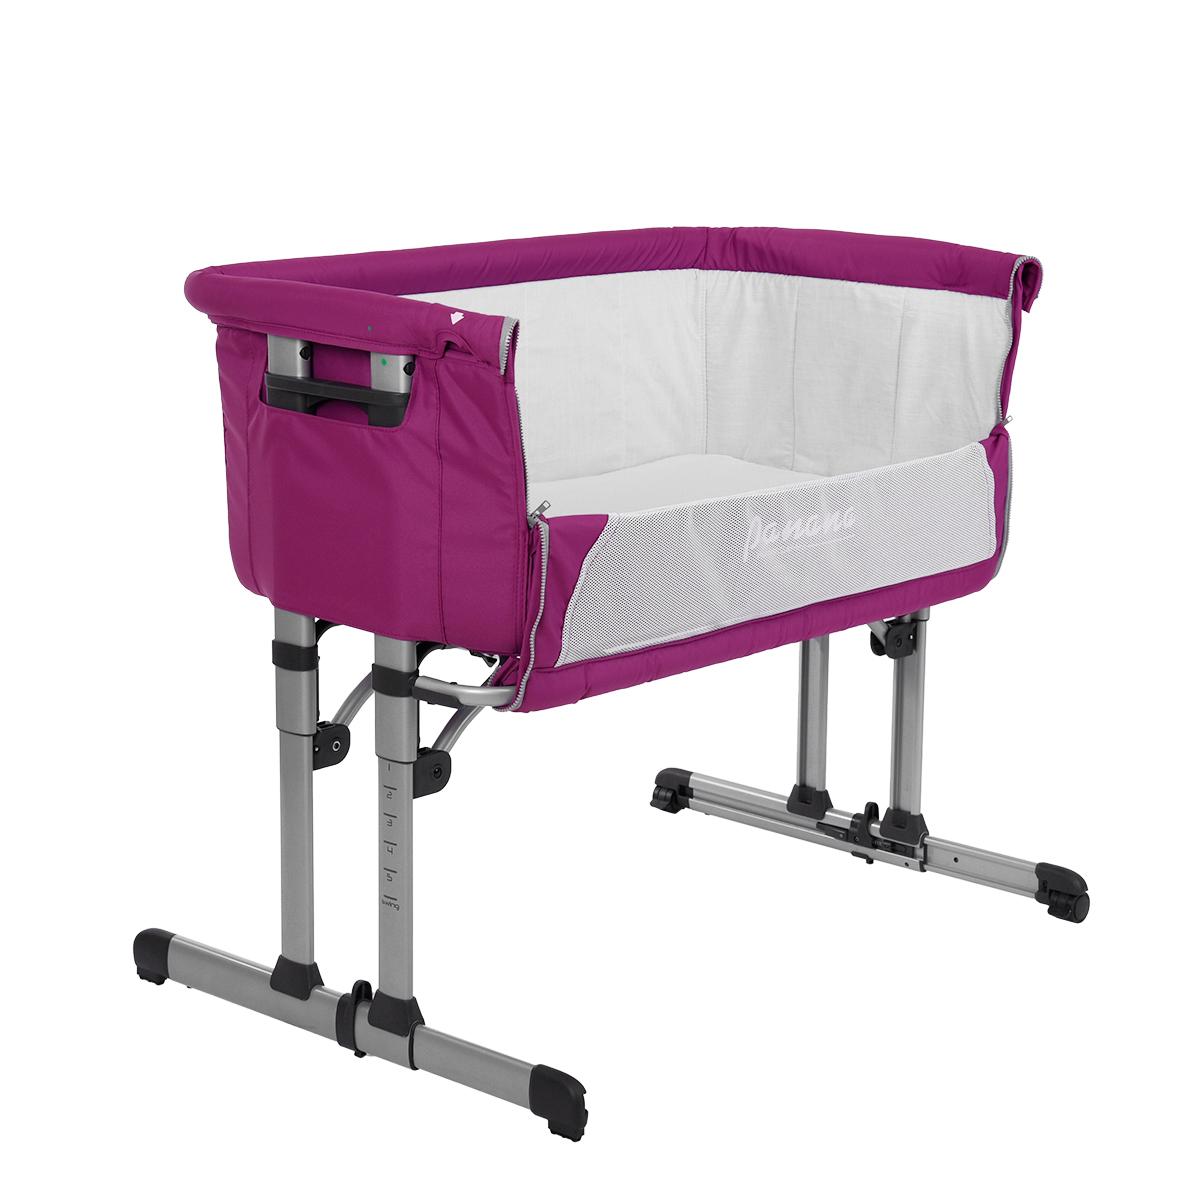 baby matratze baby reisebett mit matratze with baby matratze excellent kind auf with baby. Black Bedroom Furniture Sets. Home Design Ideas